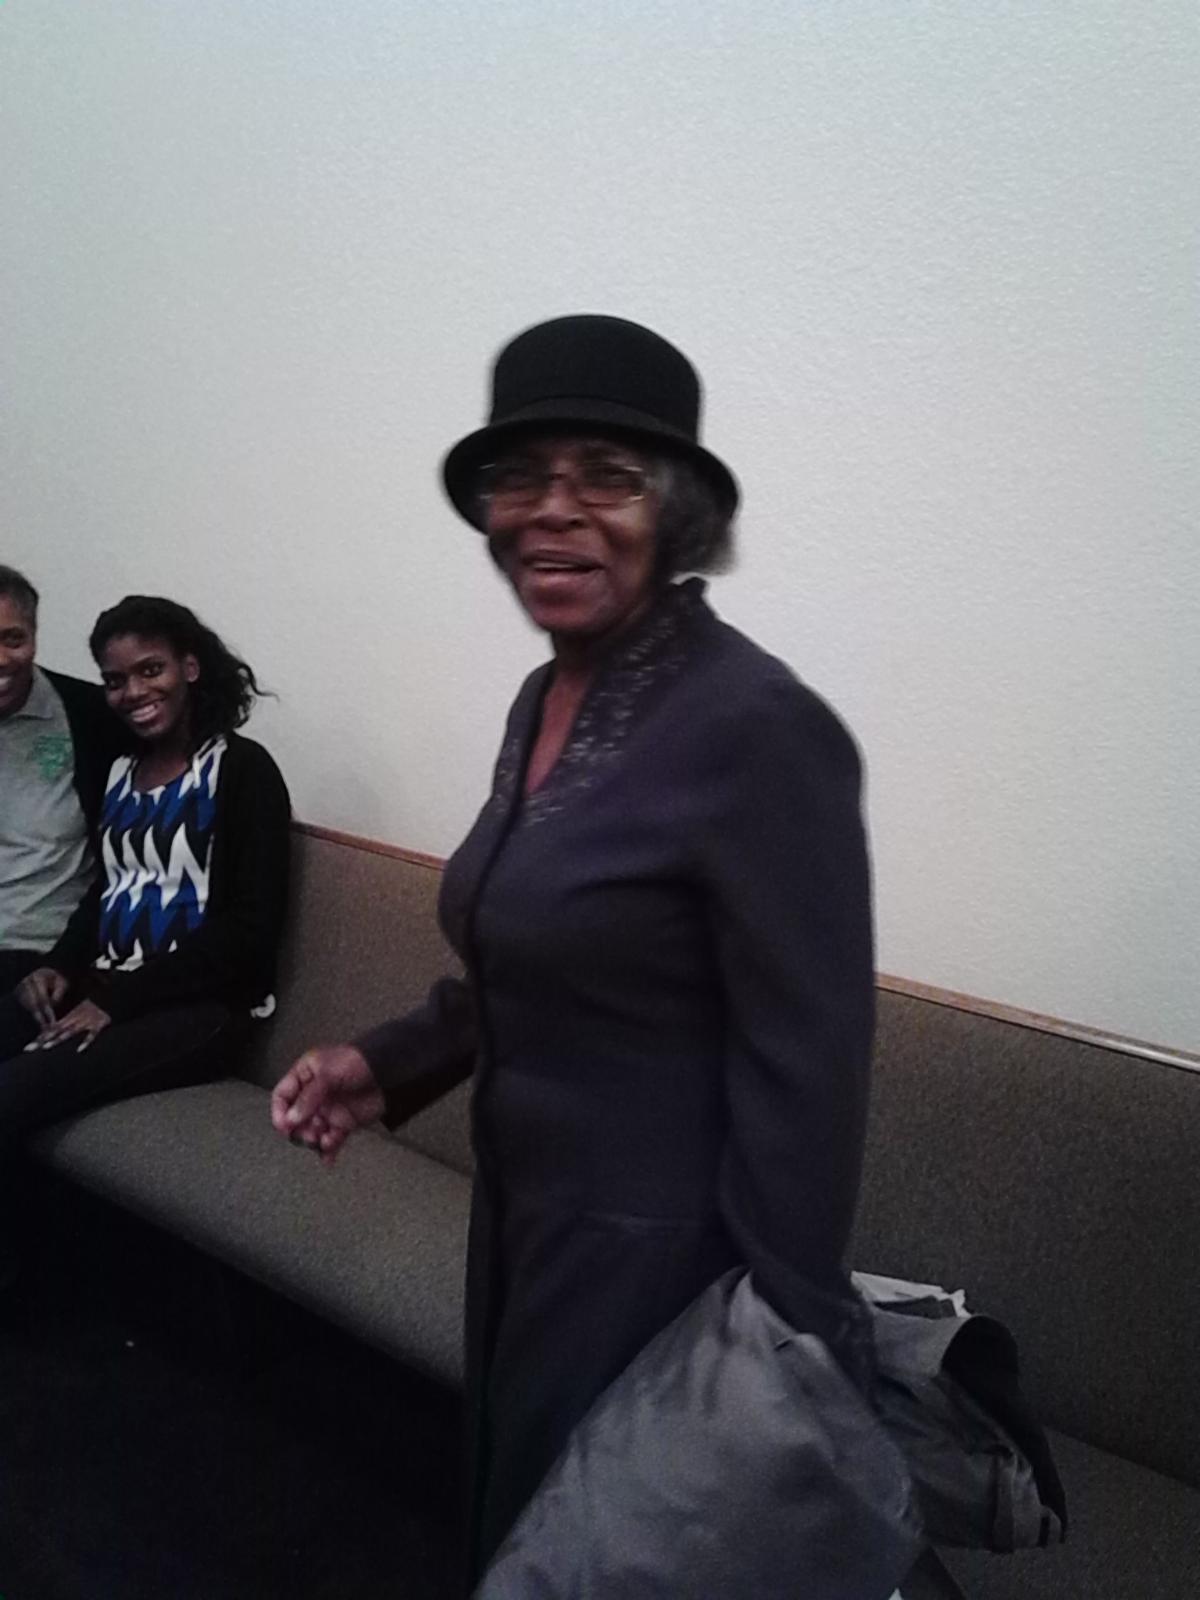 Sister Elaine Robinson